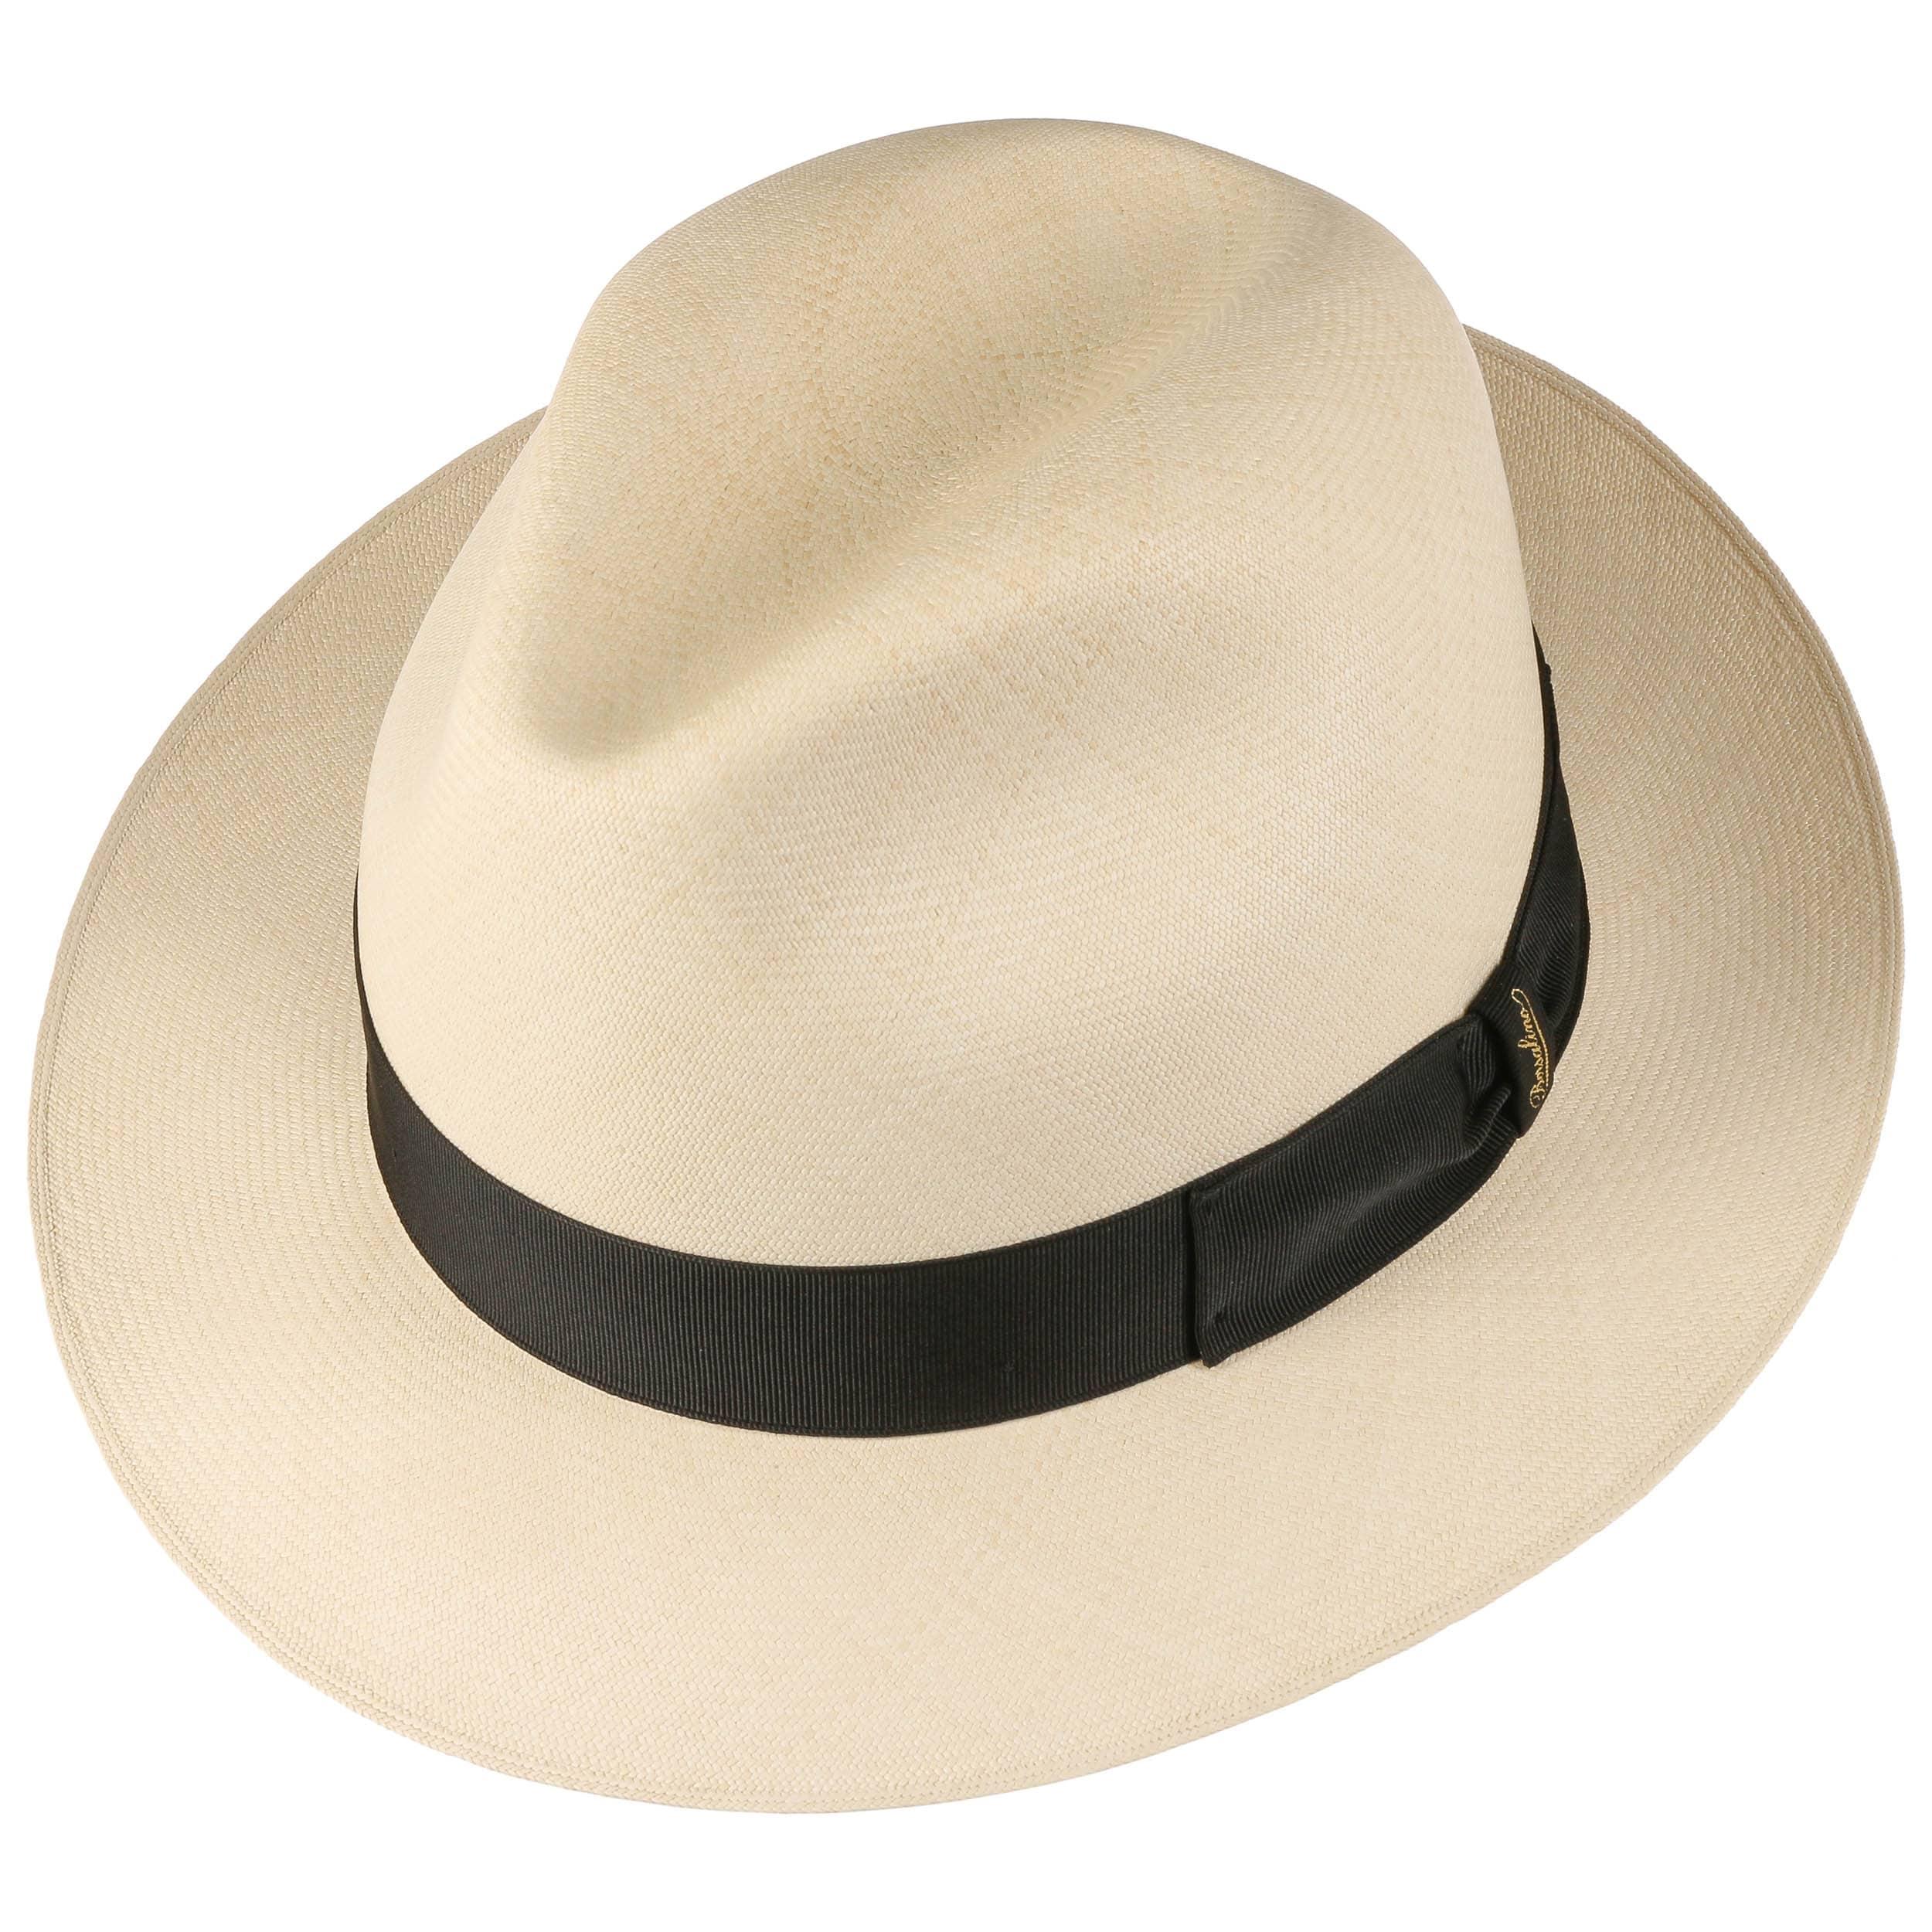 fabbricazione abile presentando scarpe di separazione Cappello Panama Prestige Bogart by Borsalino